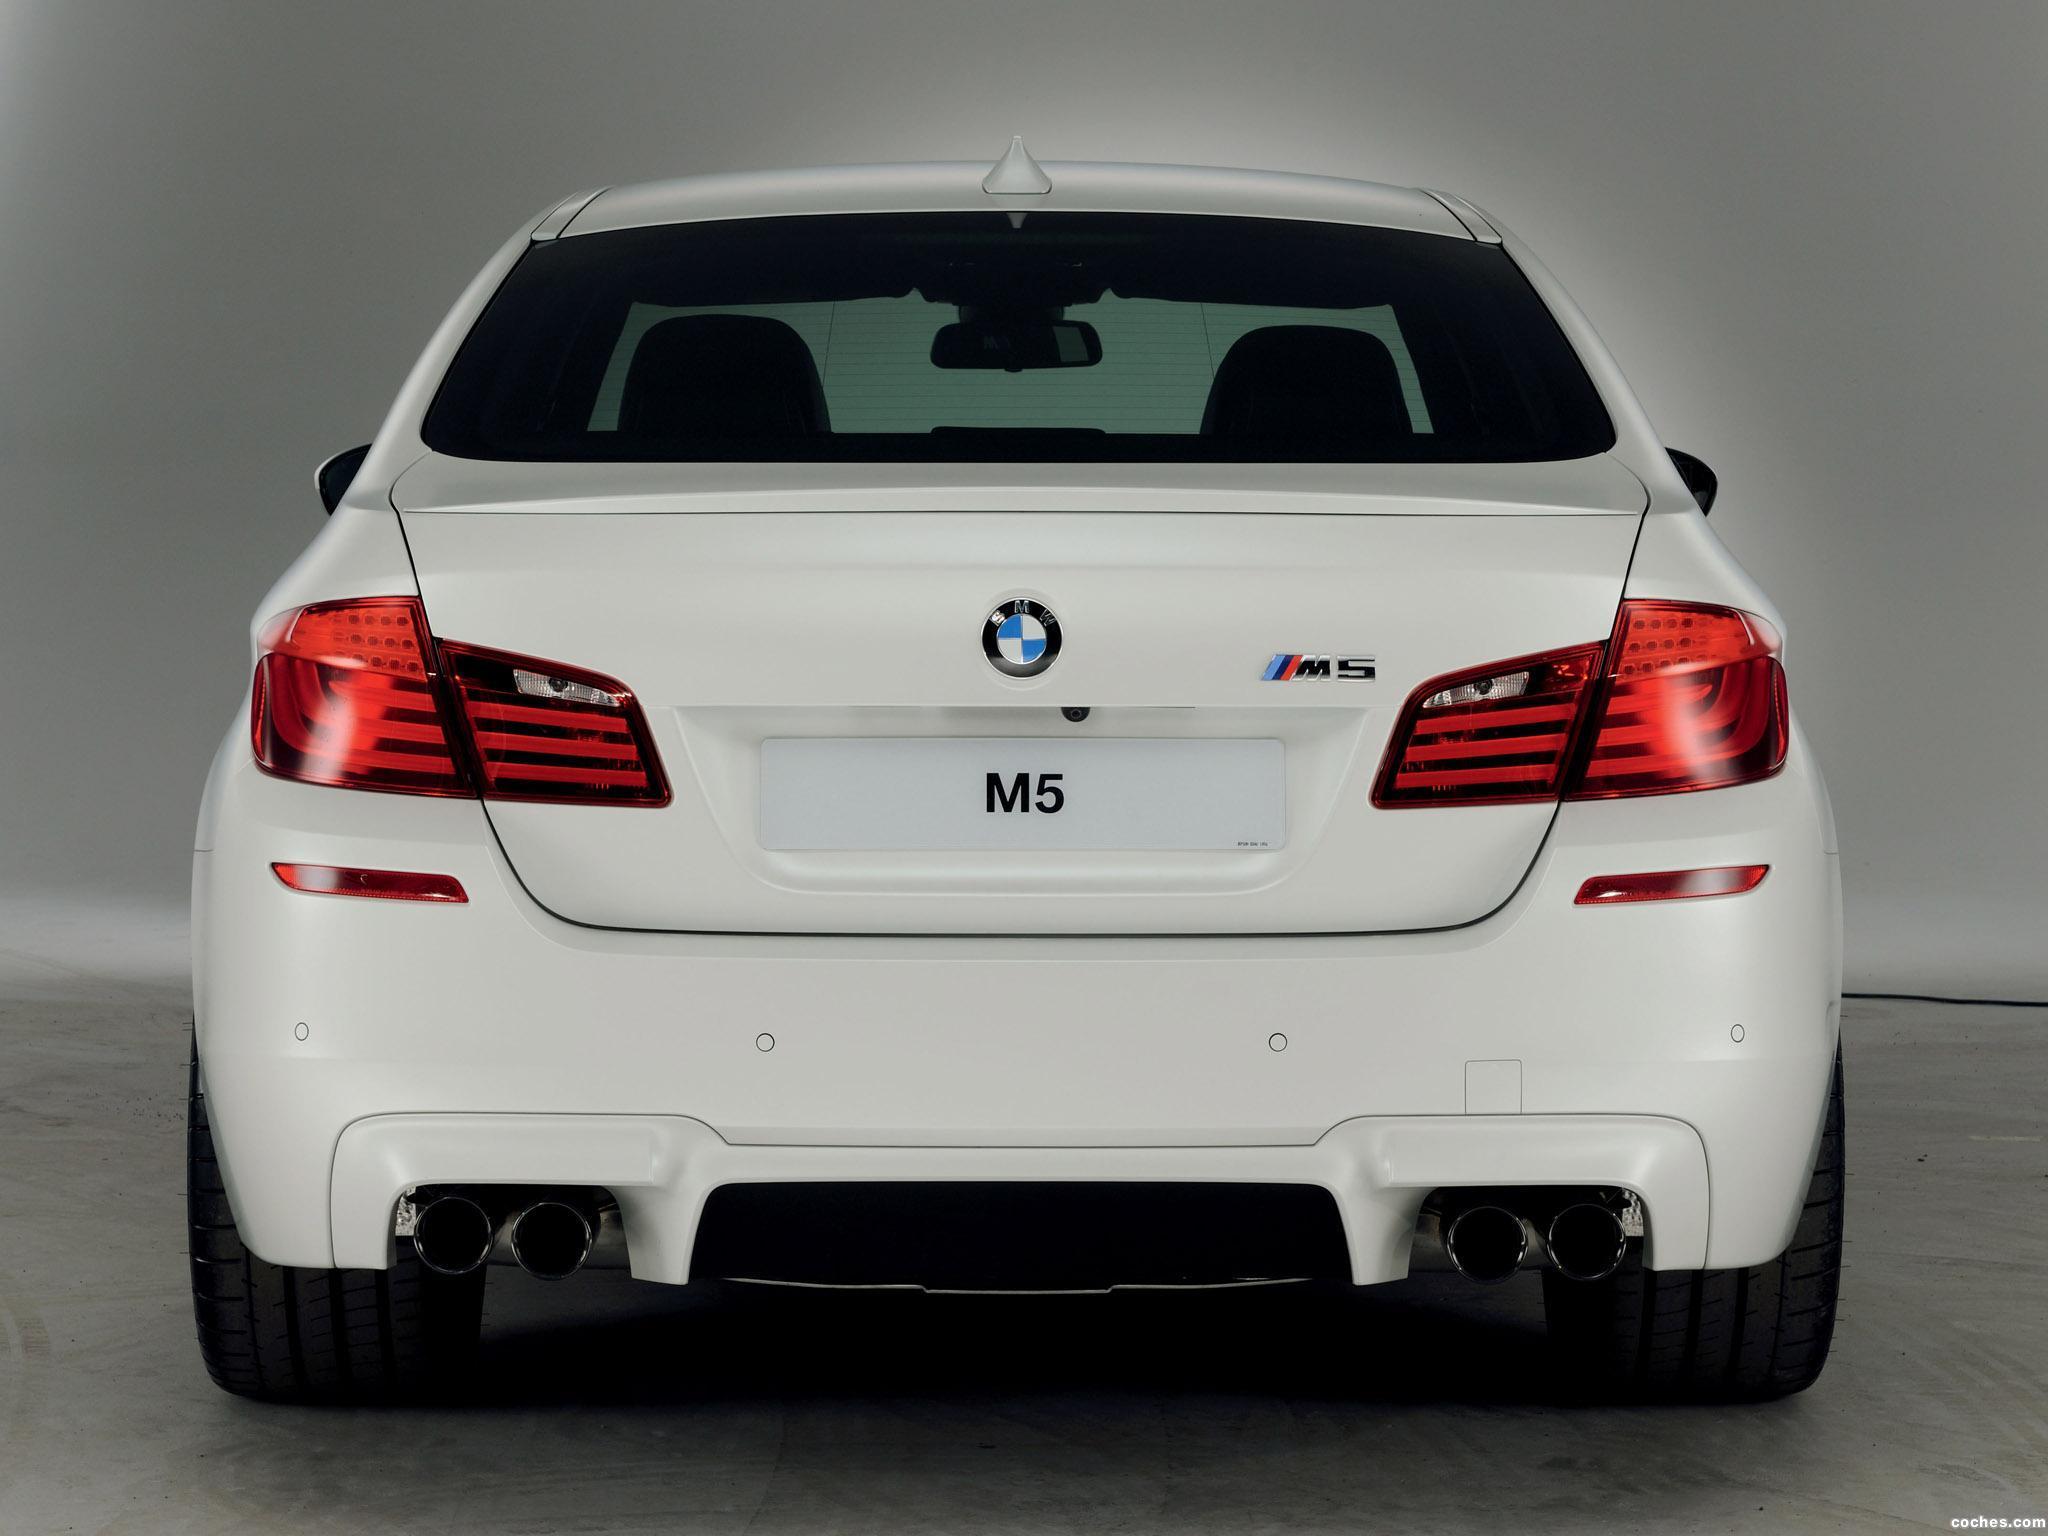 Foto 7 de BMW M5 M Performance Edition UK 2012